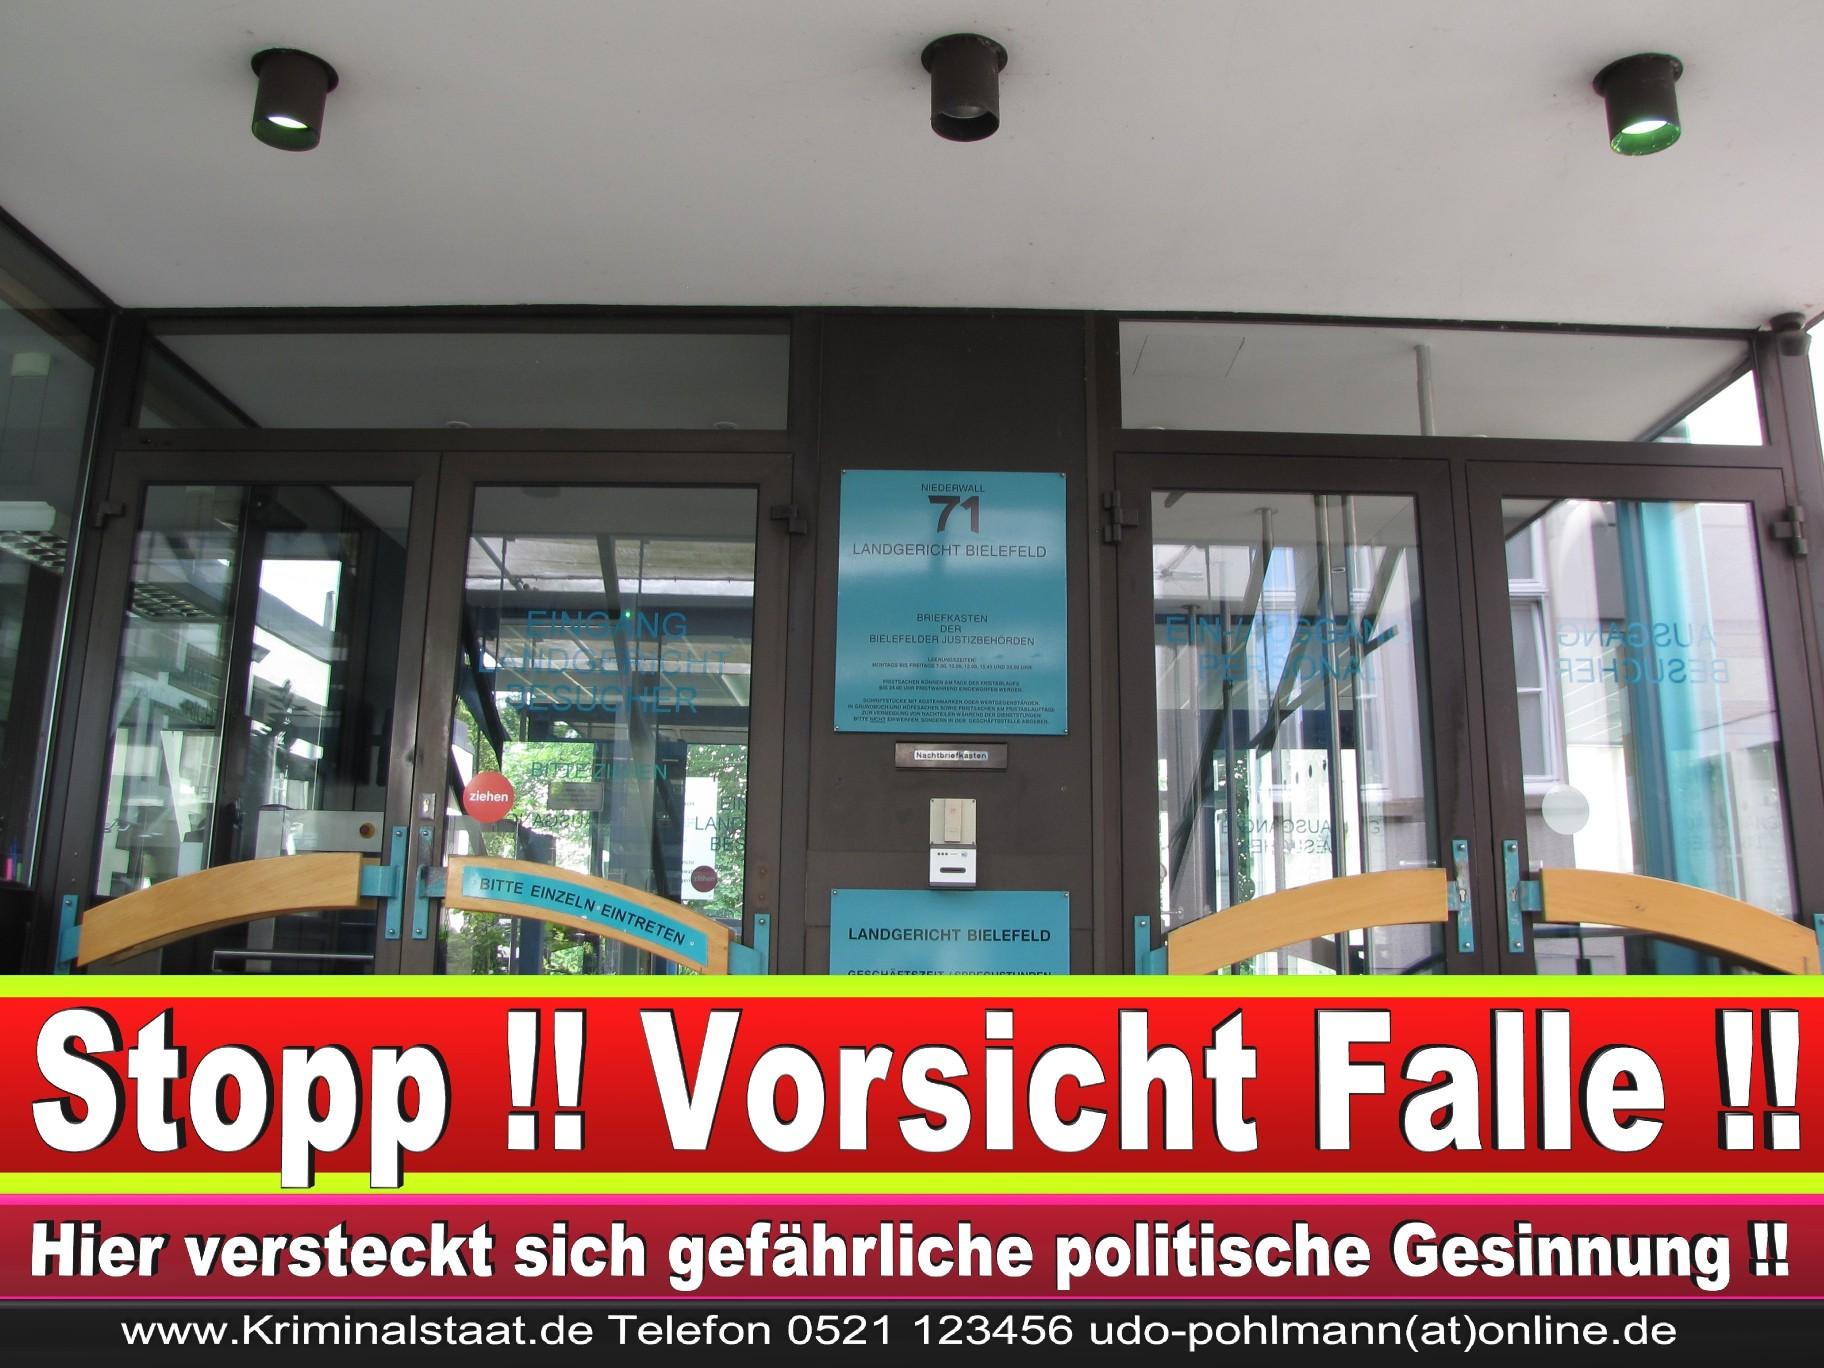 CDU Landgericht Bielefeld Landgerichtspräsident Klaus Petermann Hochstraße Bünde Jens Gnisa Richterbund Richtervereinigung 21